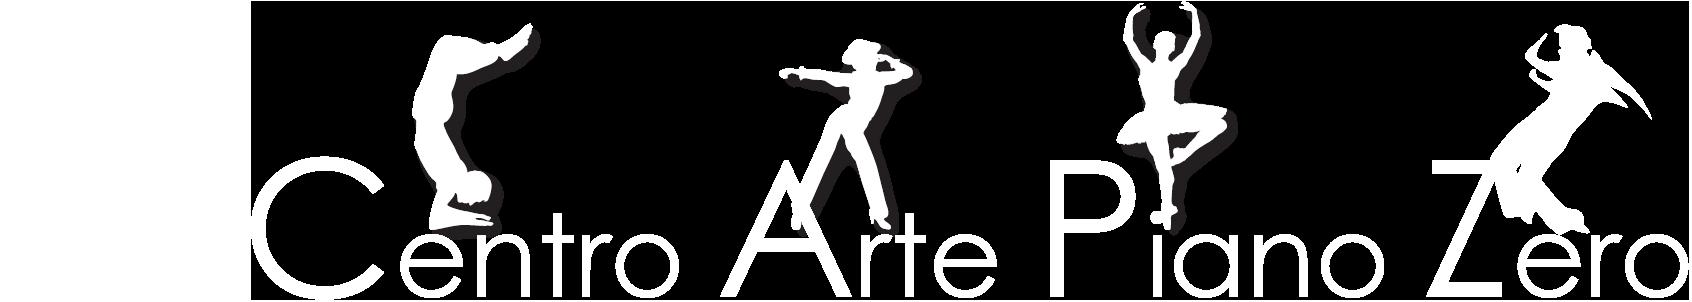 Centro Arte Piano Zero